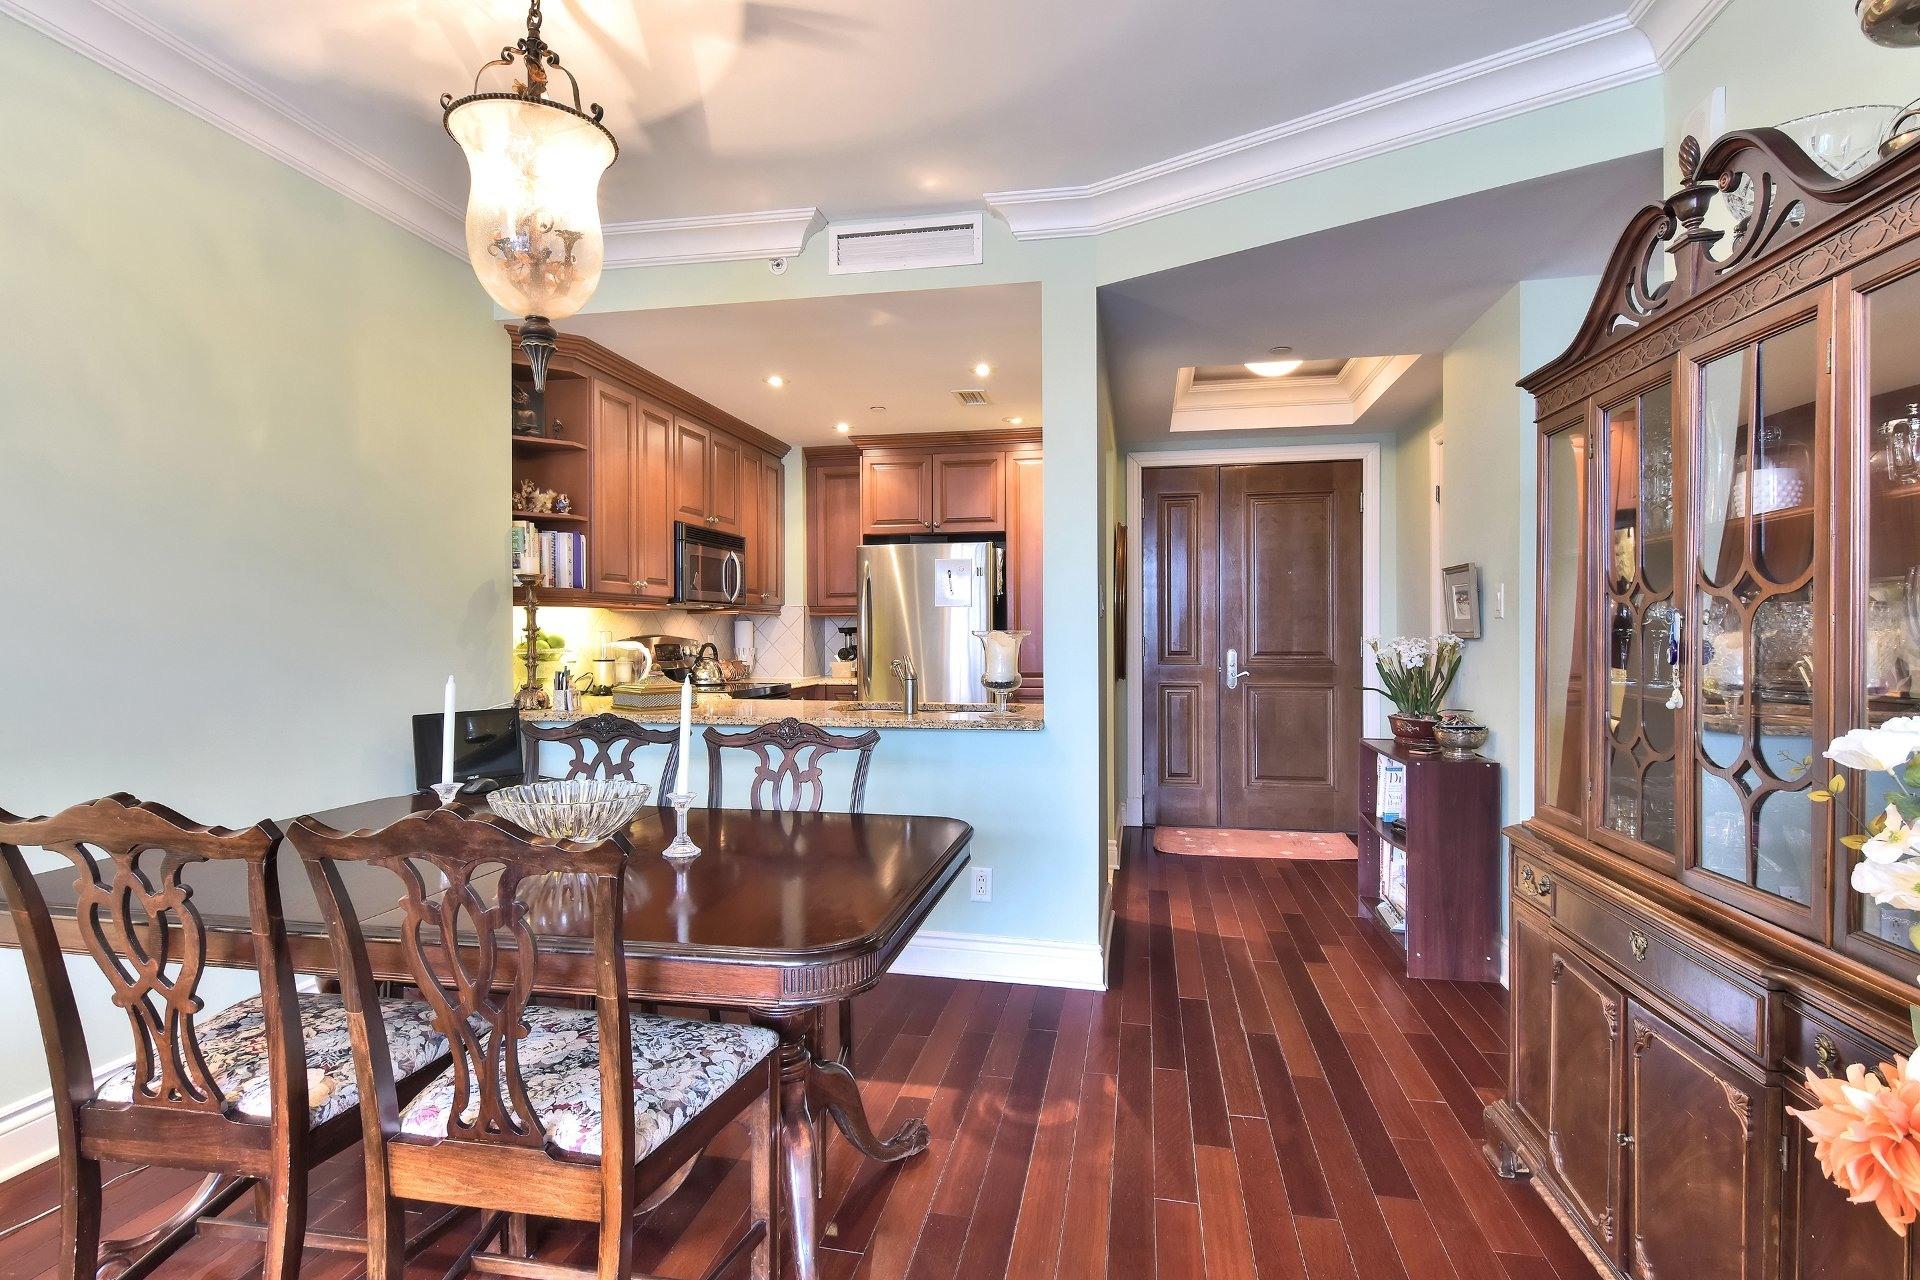 image 17 - Apartment For sale Côte-Saint-Luc - 5 rooms